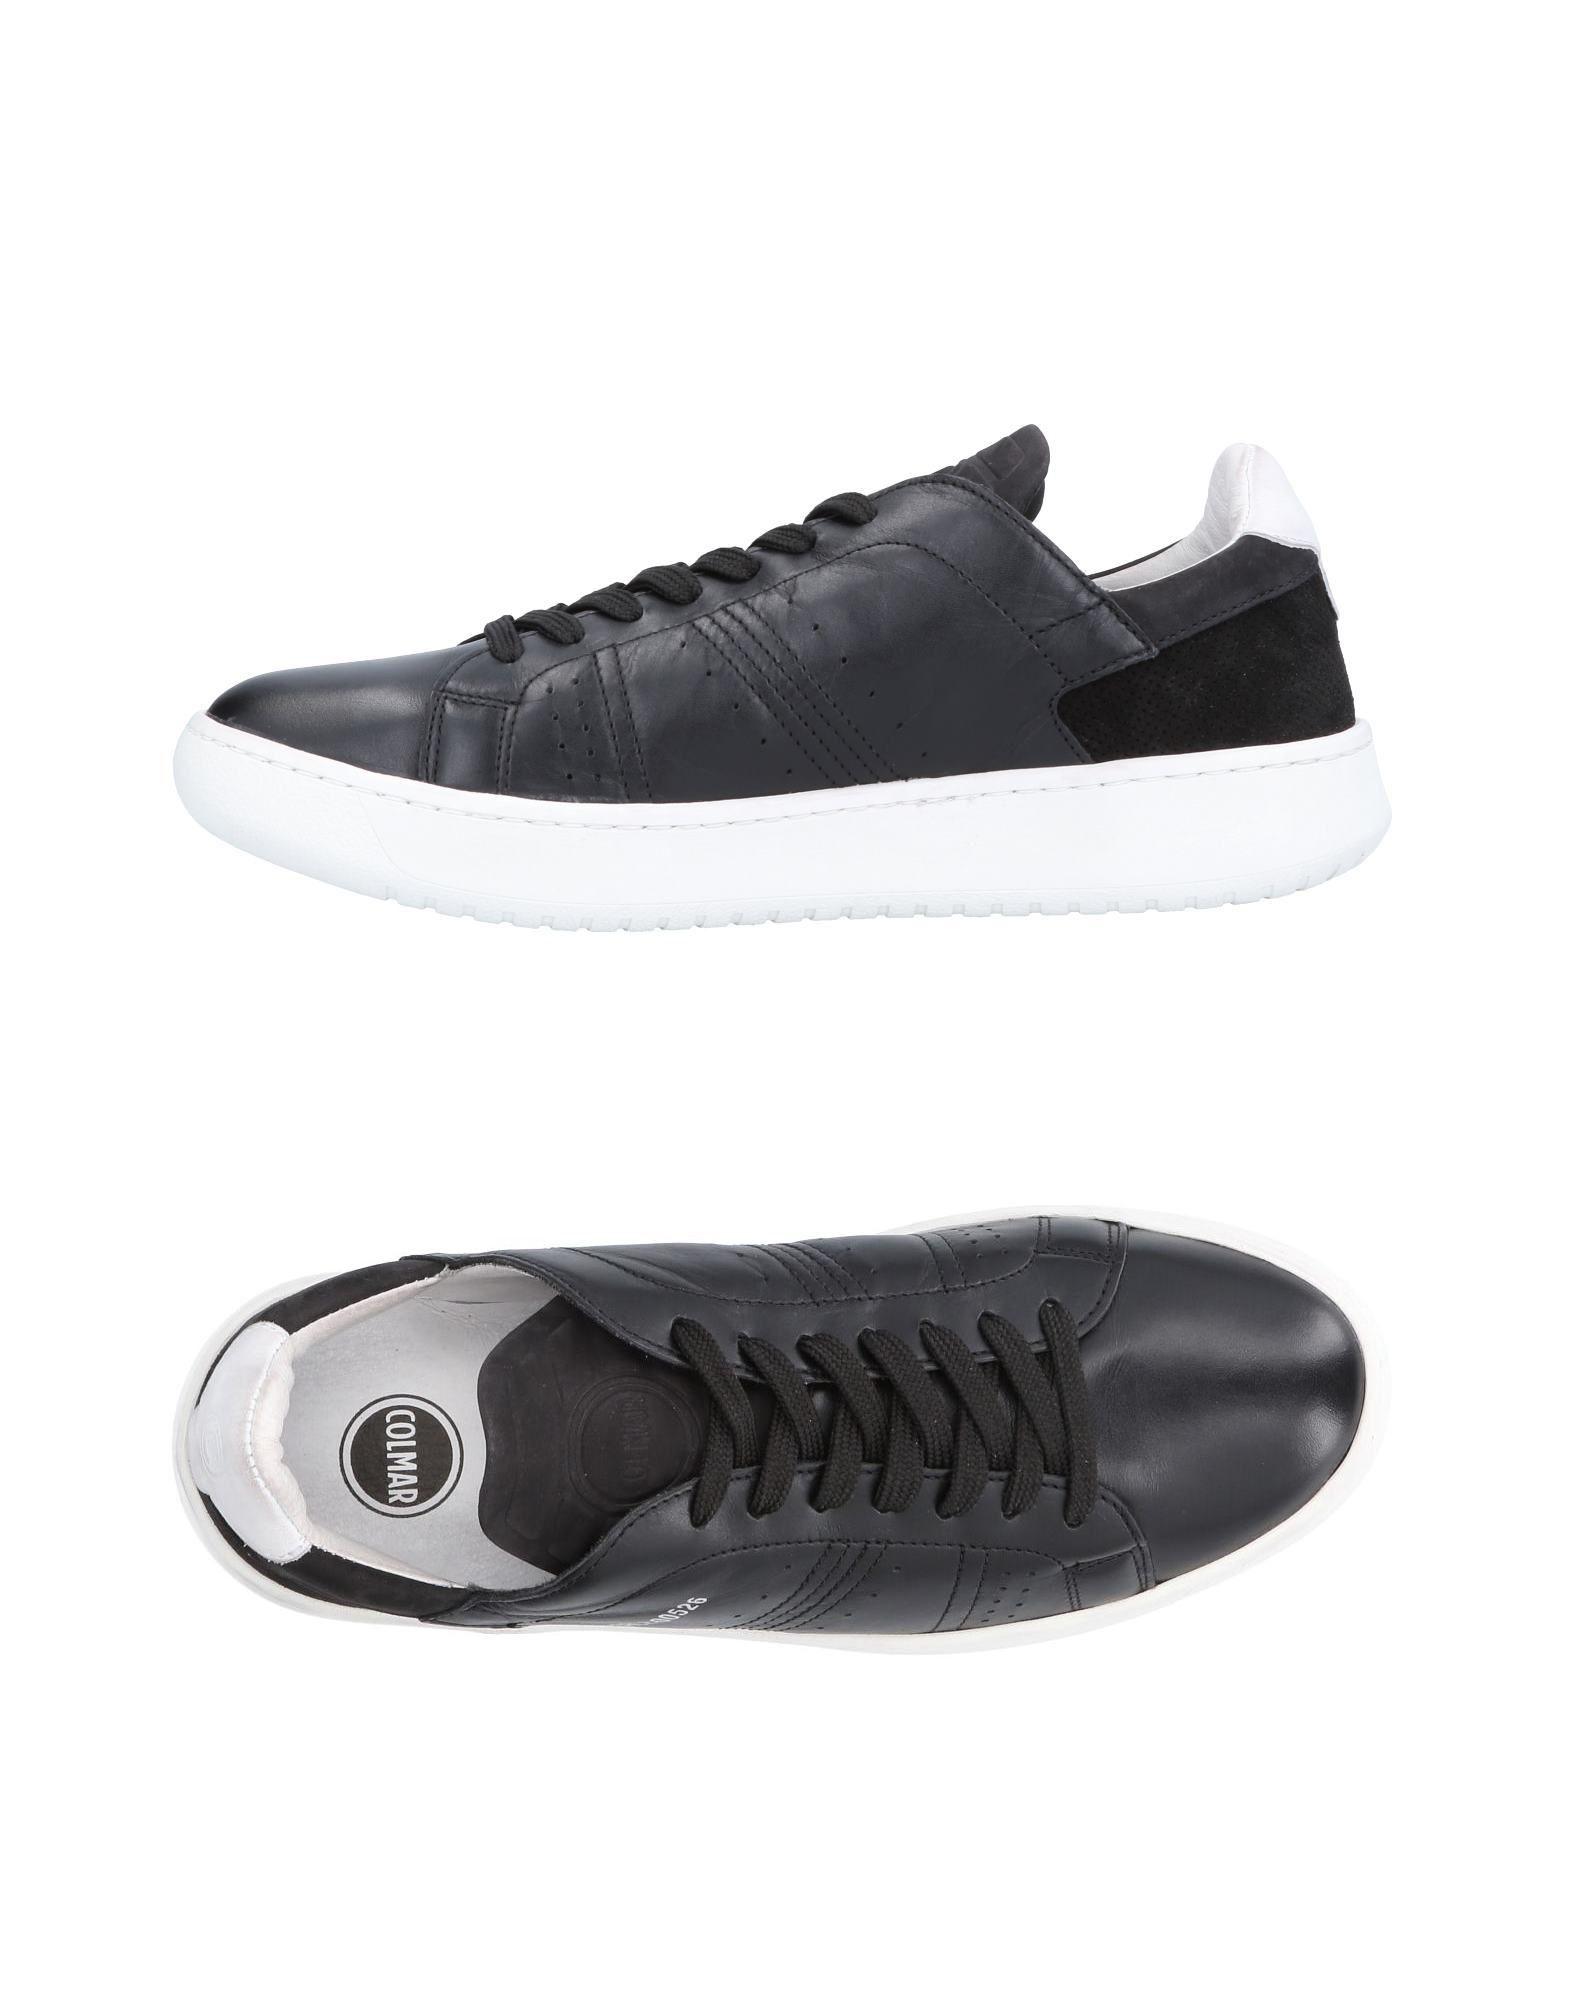 Rabatt echte Sneakers Schuhe Colmar Sneakers echte Herren  11499725FB 601cc7